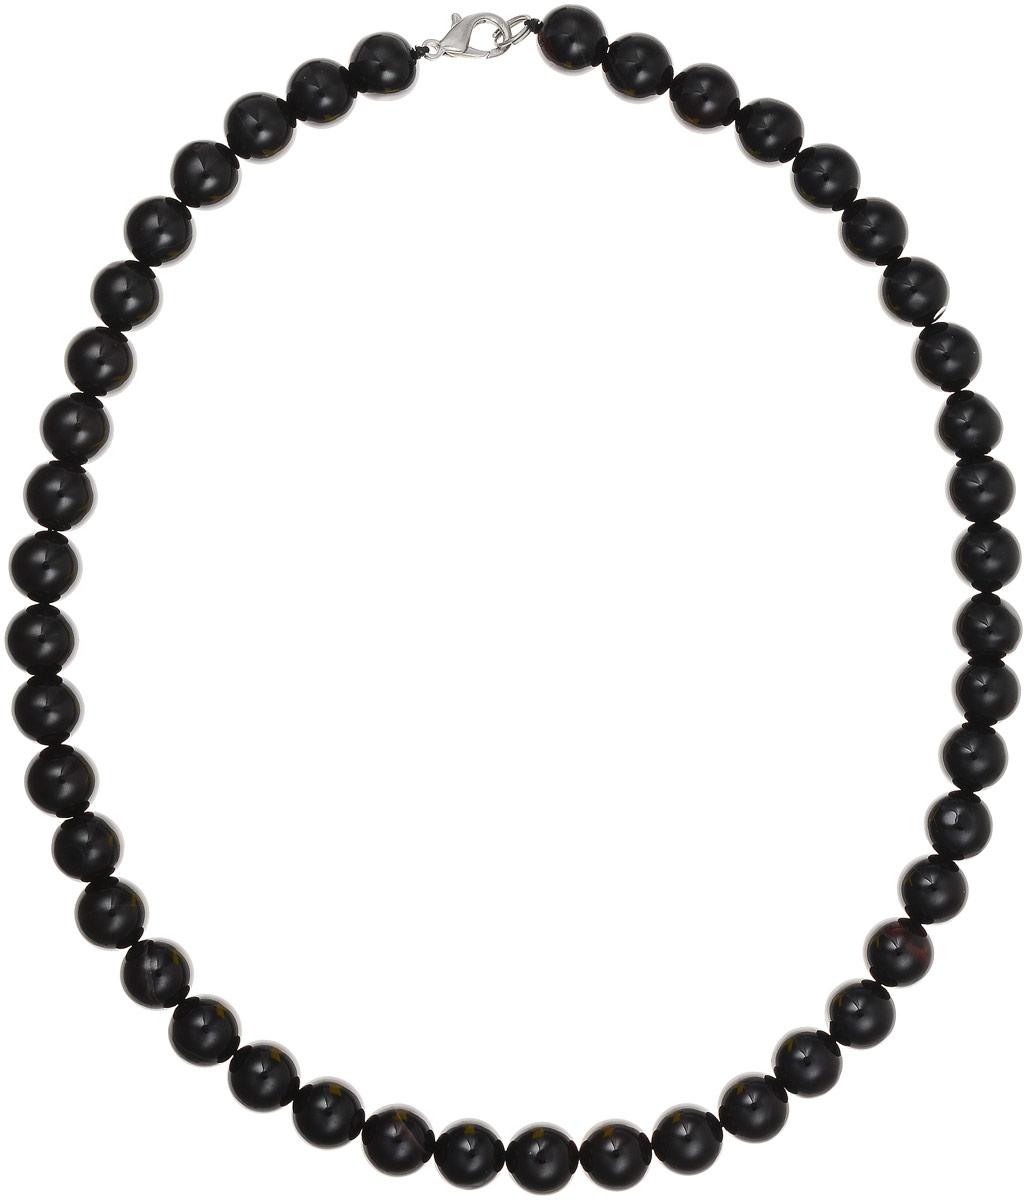 Бусы Art-Silver, цвет: черный, длина 45 см. ЧА10-45-310Бусы-ниткаБусы Art-Silver выполнены из натурального агата, нанизанного на текстильную нить. Украшение застегивается на практичный карабин из бижутерного сплава. Бусины диаметром 10 мм имеют благородный черный цвет, характерный для агата. Такие бусы украсят как вечерний, так и повседневный наряд.